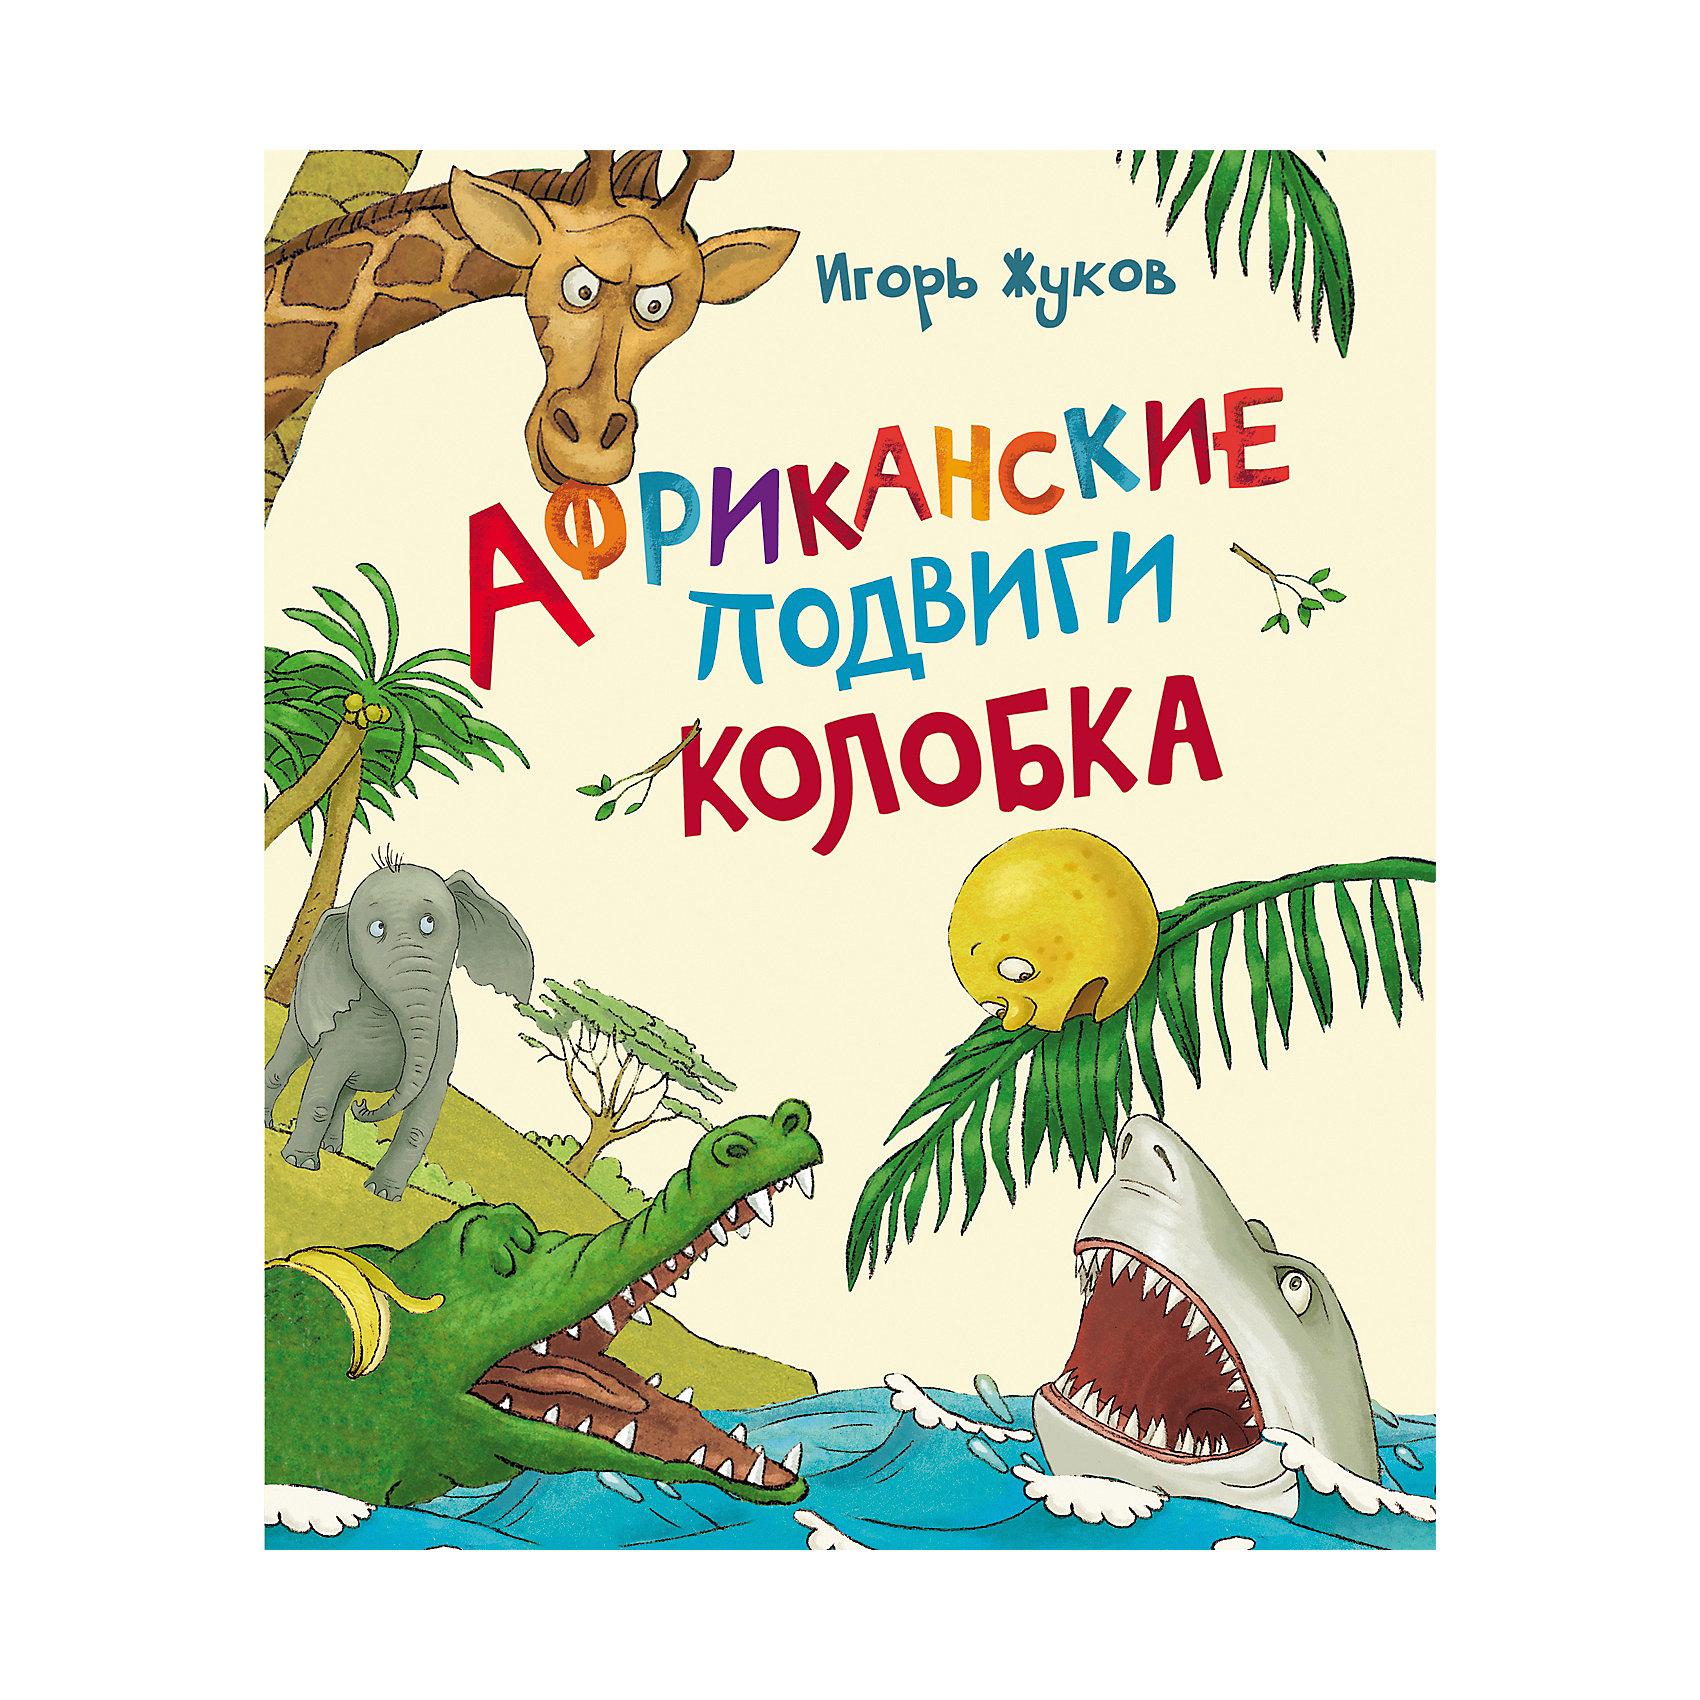 Африканские подвиги Колобка, И. ЖуковРосмэн<br>Характеристики товара:<br><br>- цвет: разноцветный;<br>- материал: бумага;<br>- страниц: 96;<br>- формат: 24 х 20 см;<br>- обложка: мягкая;<br>- иллюстрации.<br><br>Эта интересная книга с иллюстрациями станет отличным подарком для ребенка. Она содержит в себе сказку, которая полюбилась уже многим! Талантливый иллюстратор дополнил книгу качественными рисунками, которые помогают ребенку проникнуться духом сказки.<br>Чтение - отличный способ активизации мышления, оно помогает ребенку развивать зрительную память, концентрацию внимания и воображение. Издание произведено из качественных материалов, которые безопасны даже для самых маленьких.<br><br>Книгу Африканские подвиги Колобка, И. Жуков от компании Росмэн можно купить в нашем интернет-магазине.<br><br>Ширина мм: 243<br>Глубина мм: 202<br>Высота мм: 8<br>Вес г: 385<br>Возраст от месяцев: 60<br>Возраст до месяцев: 84<br>Пол: Унисекс<br>Возраст: Детский<br>SKU: 5109916